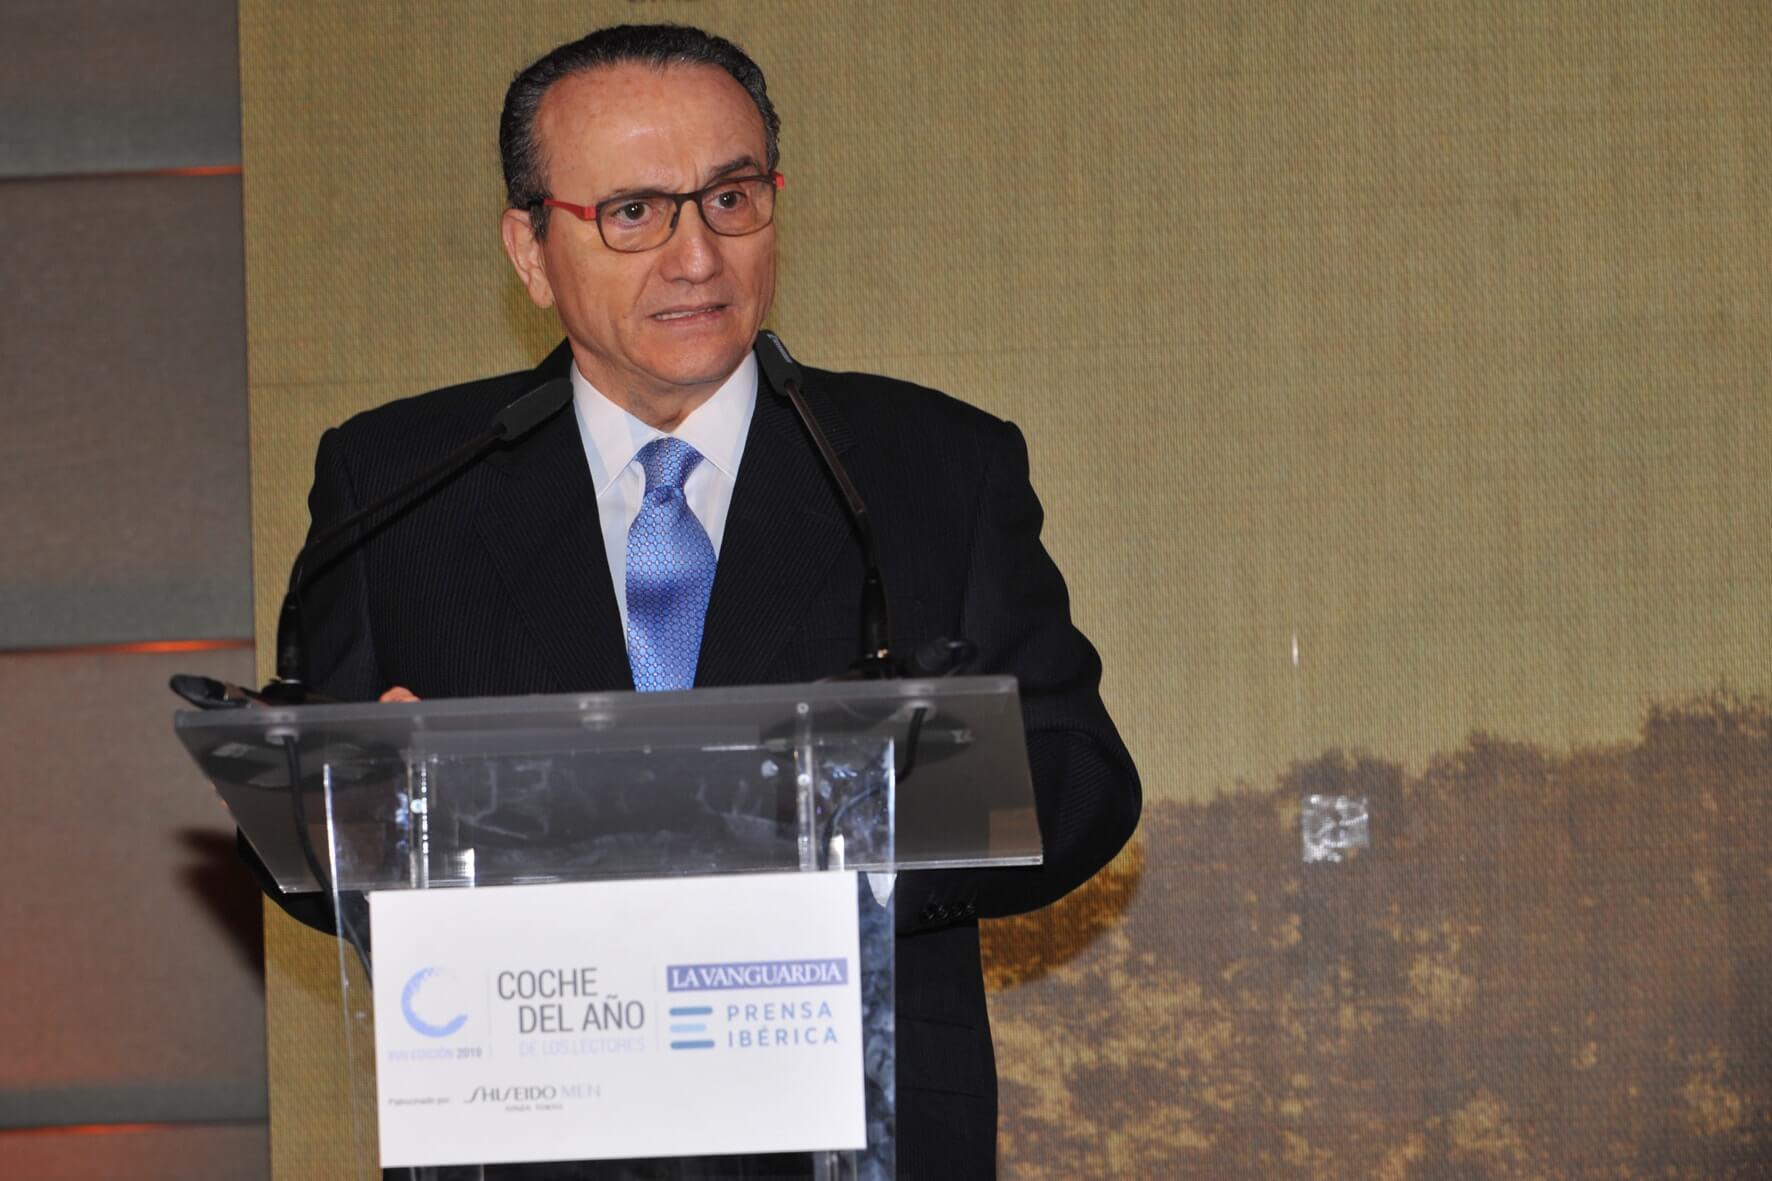 Javier Moll en Coche del año 2019